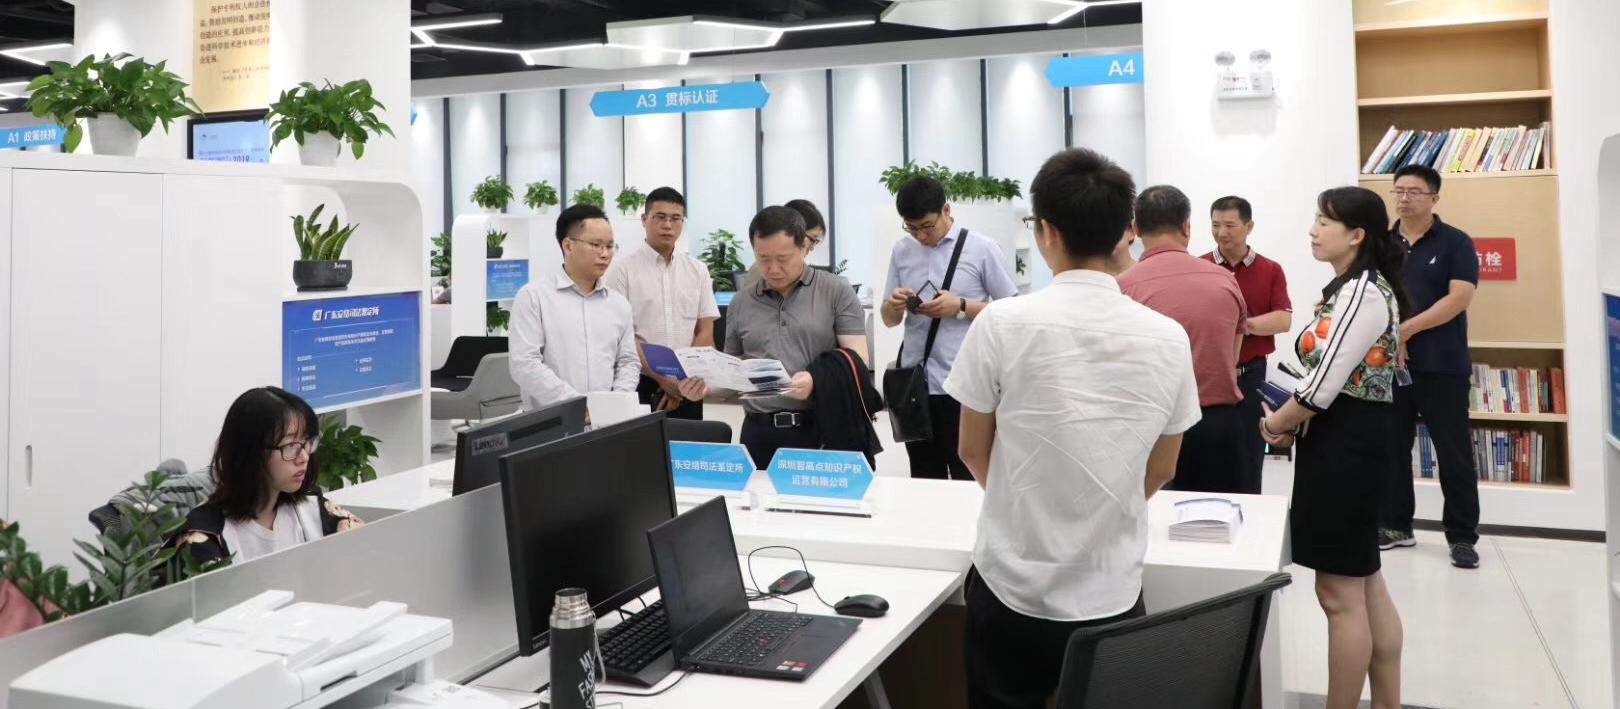 安络科技出席深圳版权工作座谈会